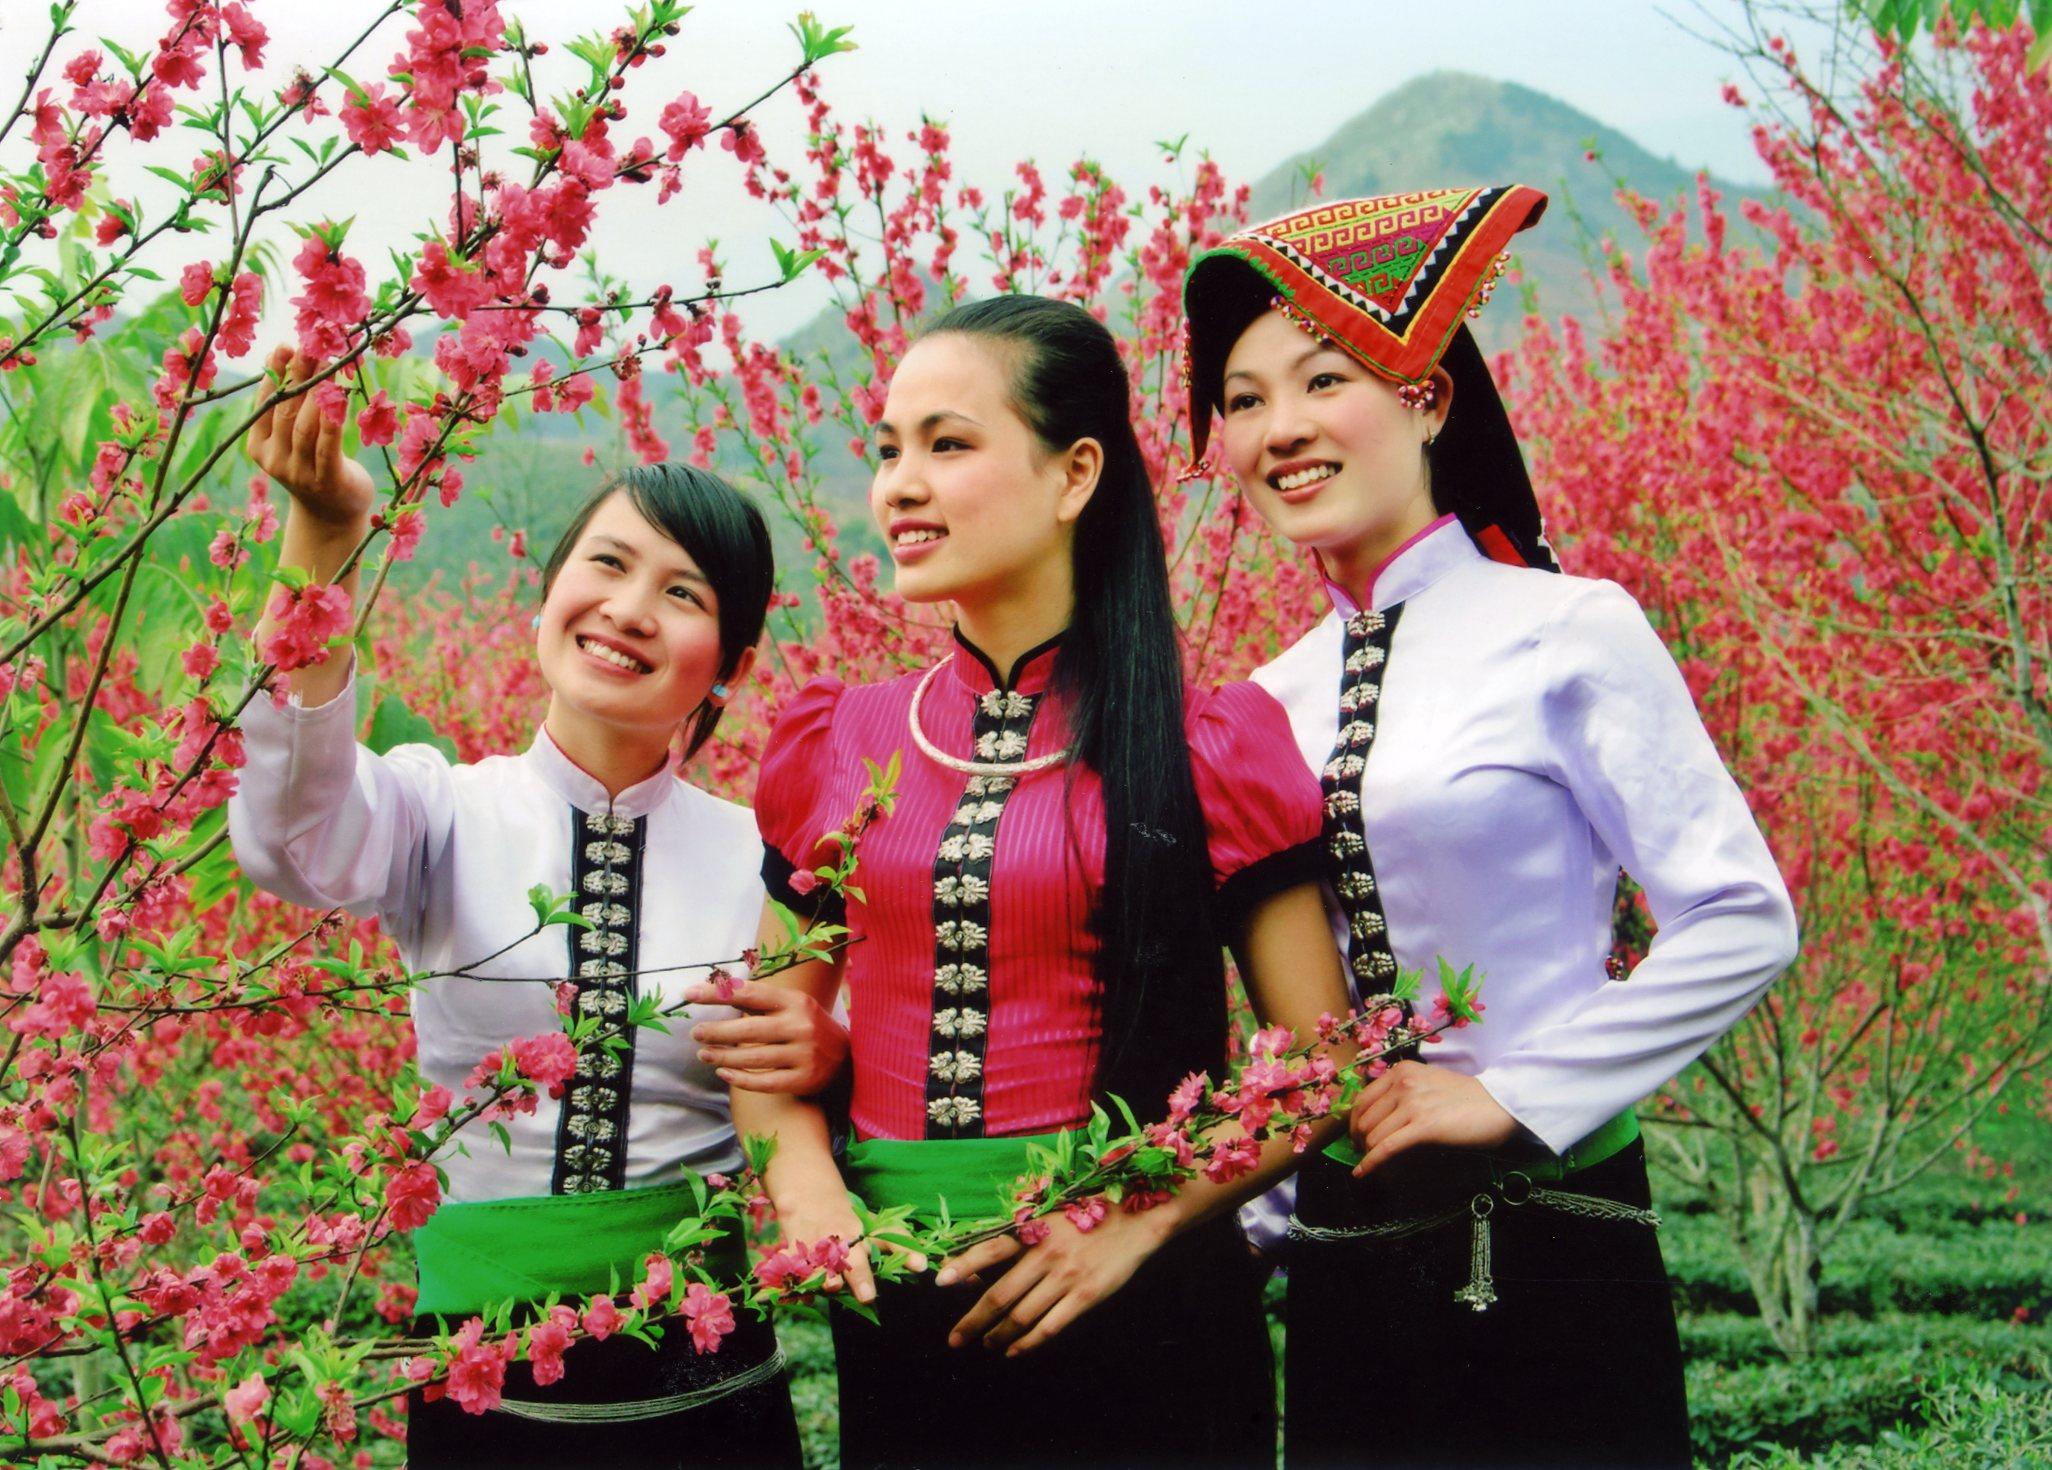 مردم همیشه لبخند بر لب تایلند